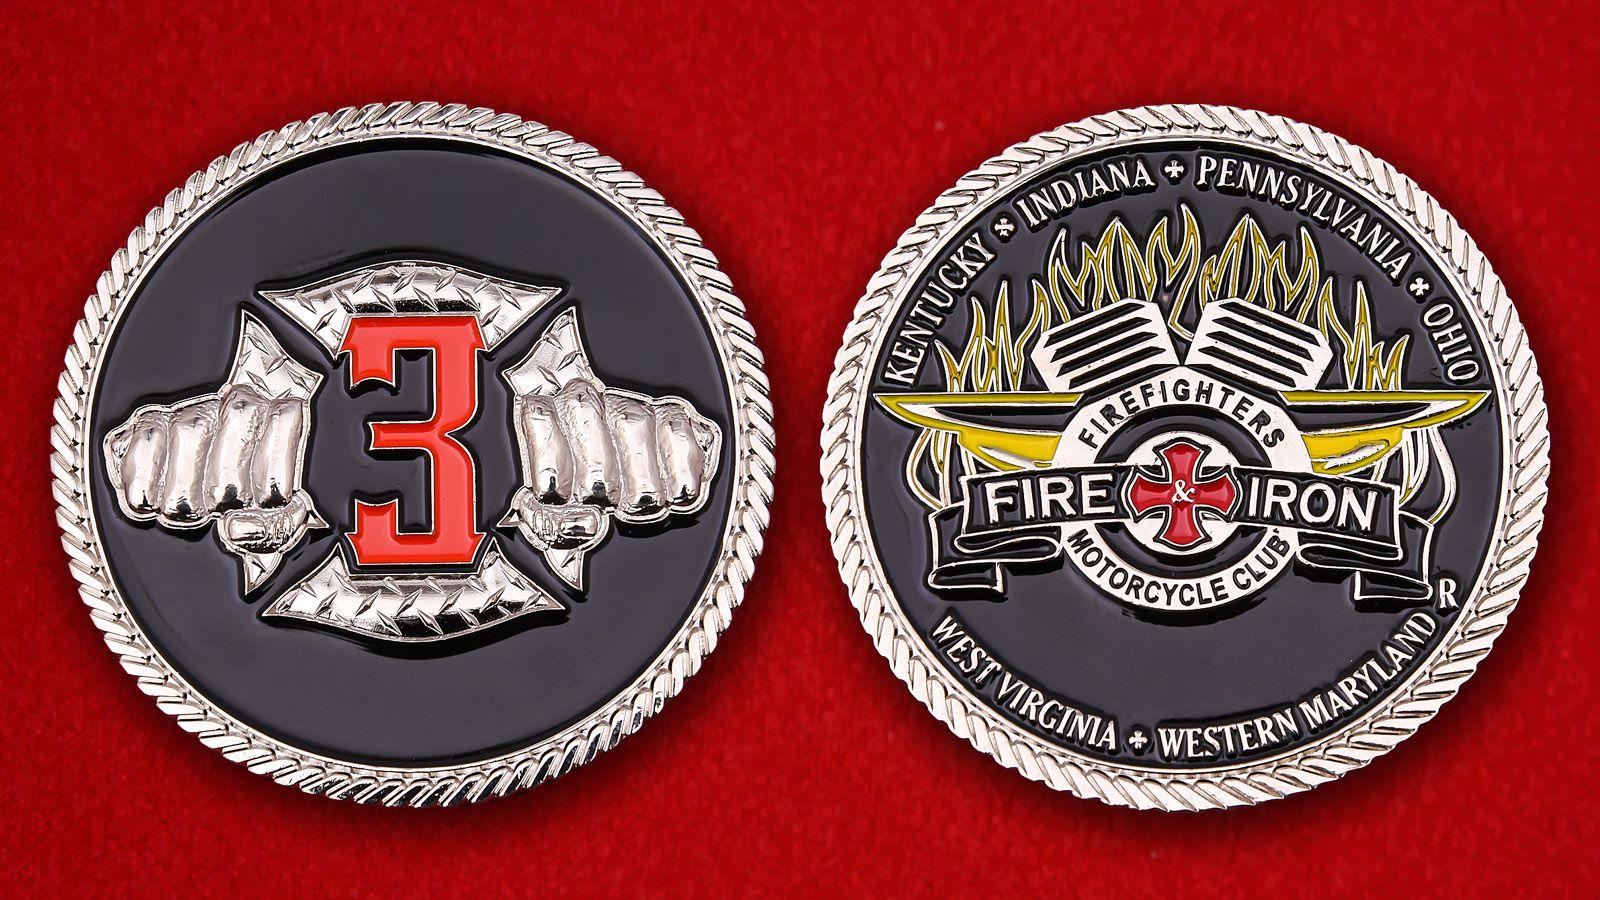 Fire & Iron Firefighter